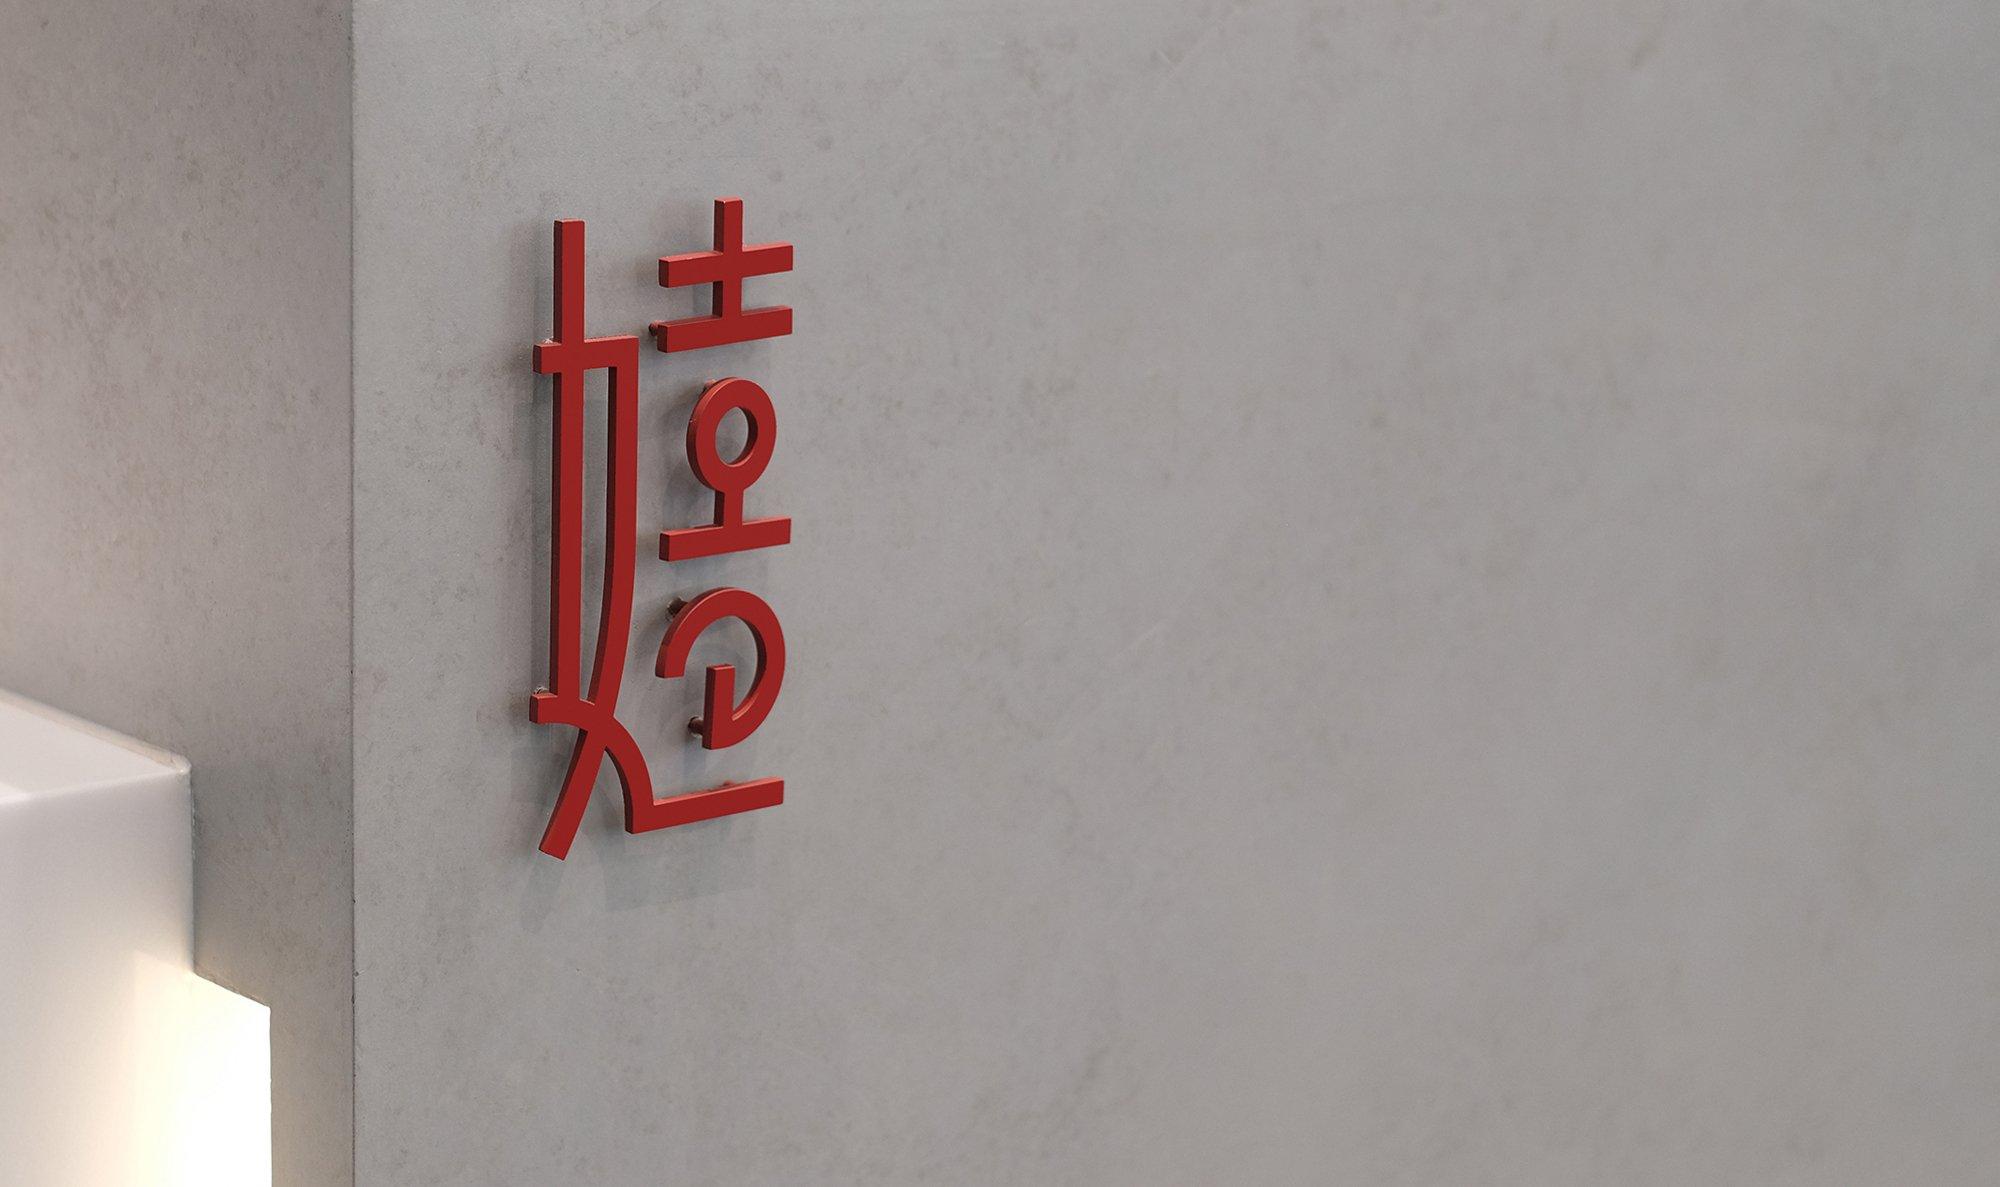 台中Hotel嬉行旅Hotel Si品牌識別設計